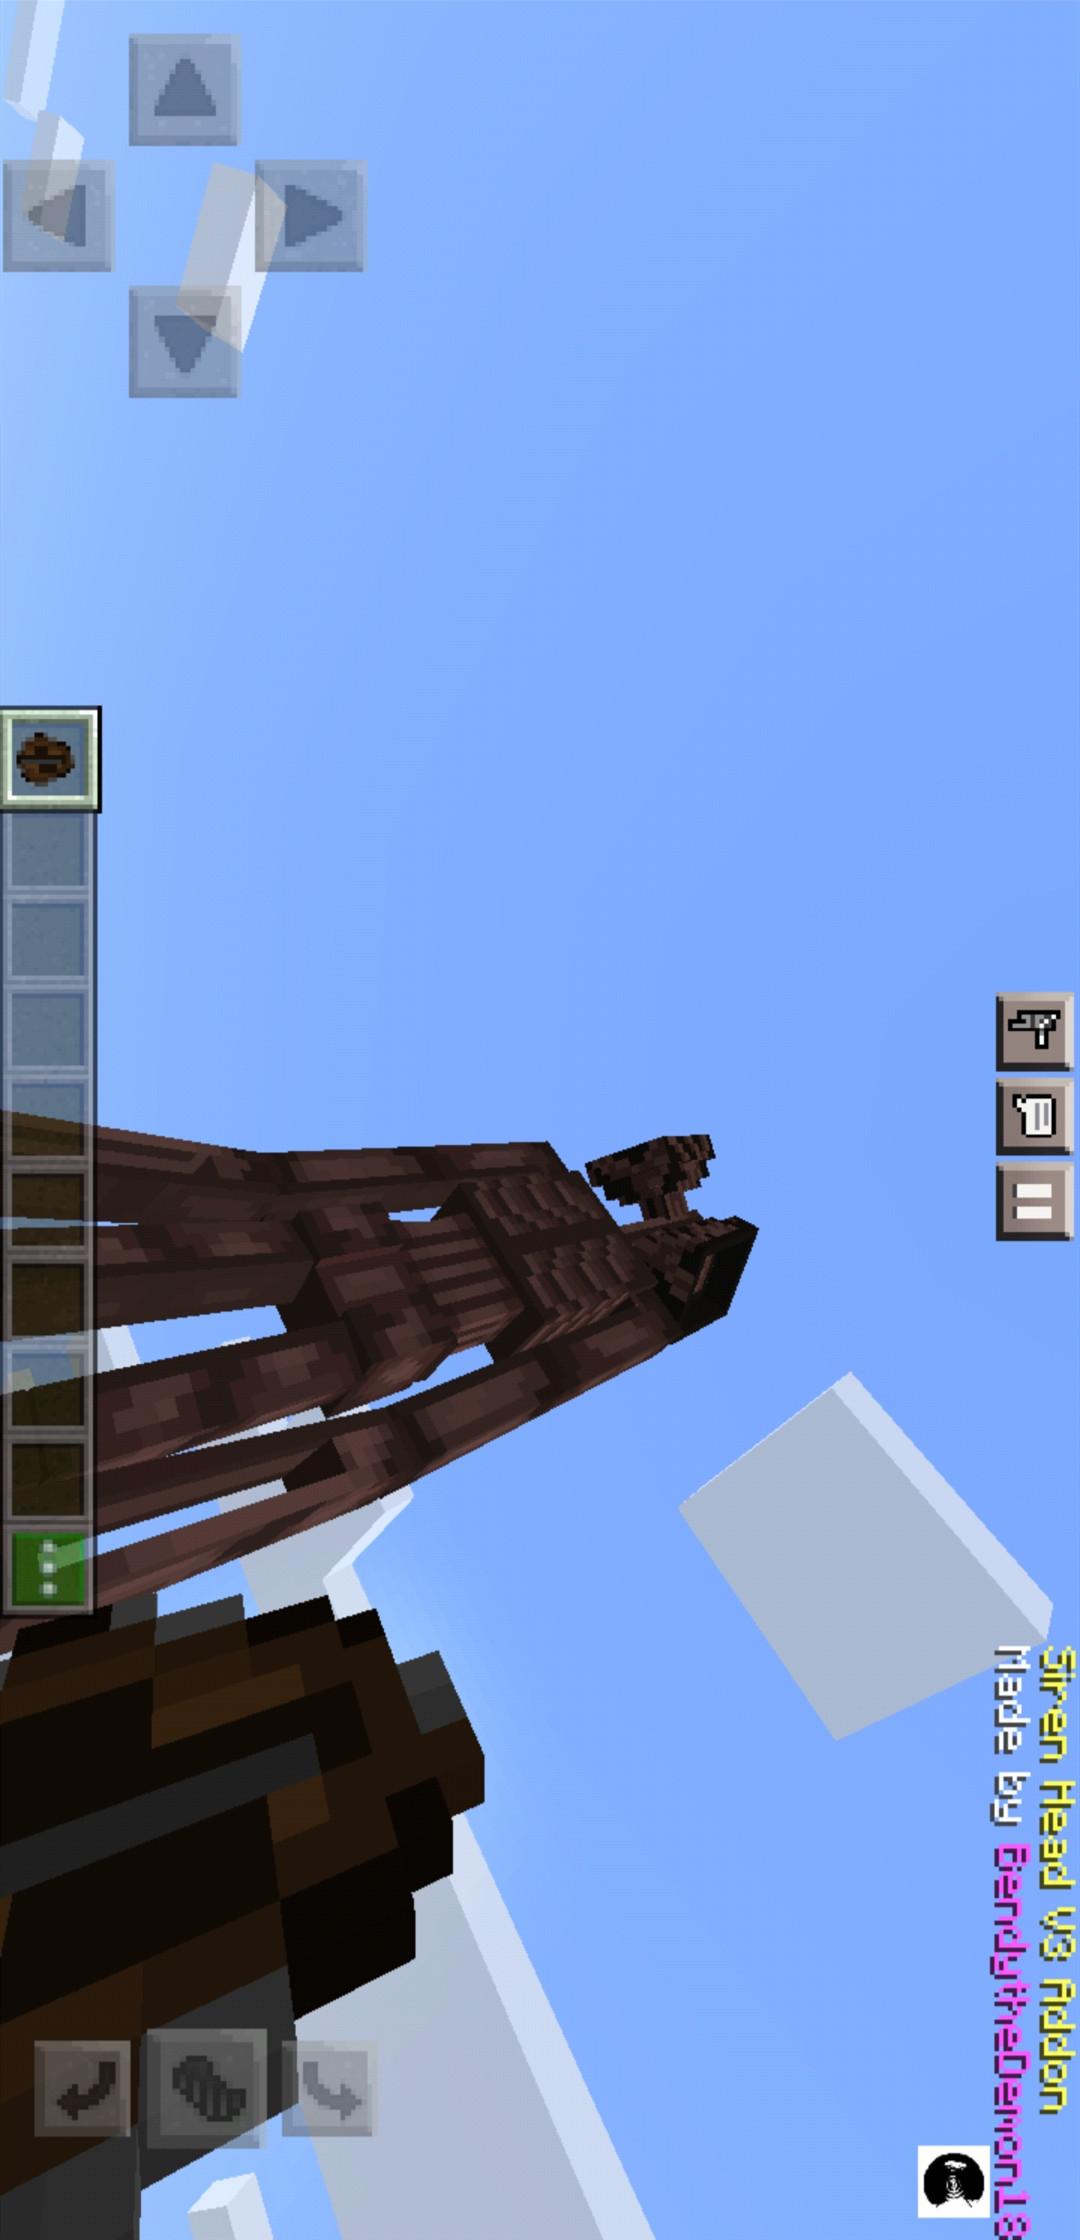 我的世界(警笛头模组和死亡之塔跑酷地图)游戏截图